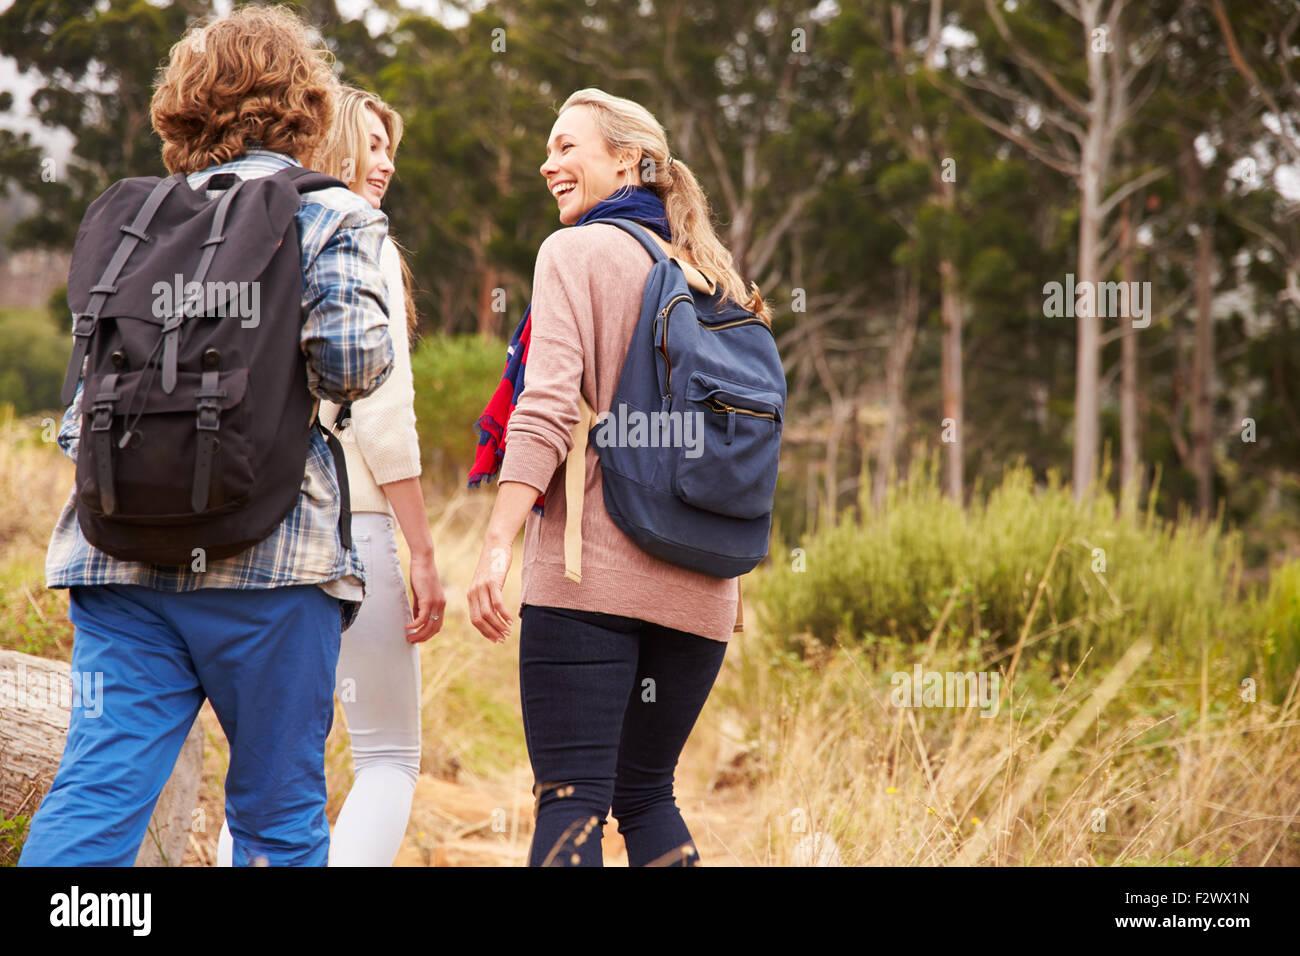 La mère et deux enfants marchant sur un sentier forestier, vue arrière Photo Stock